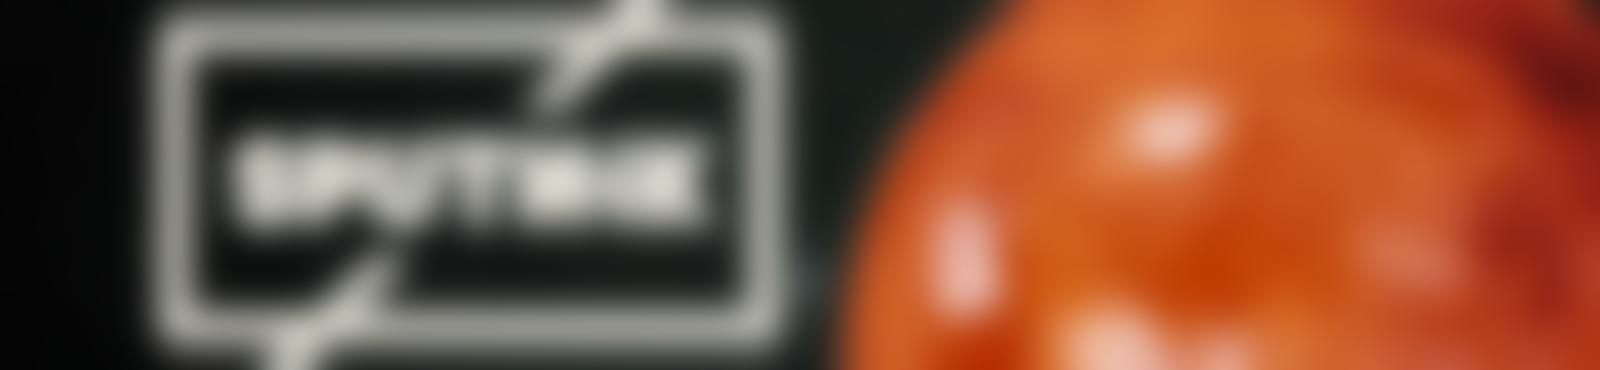 Blurred 64b1b716 d56a 487b a4fd 126267b29539